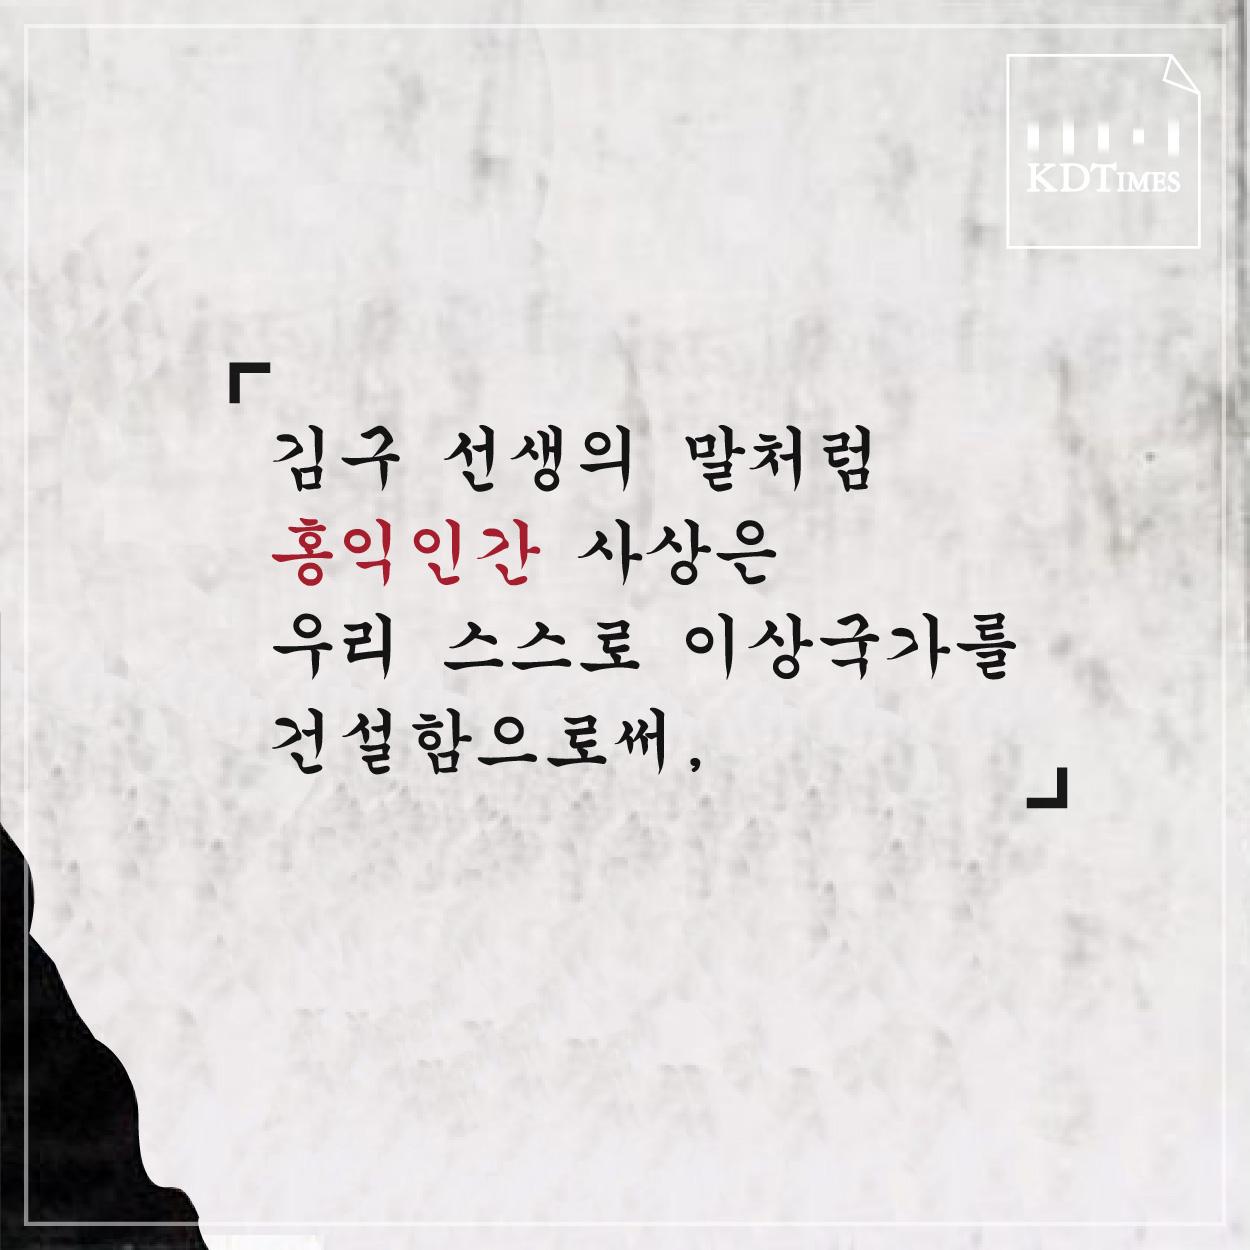 180327 김구의코리안드림-05.jpg